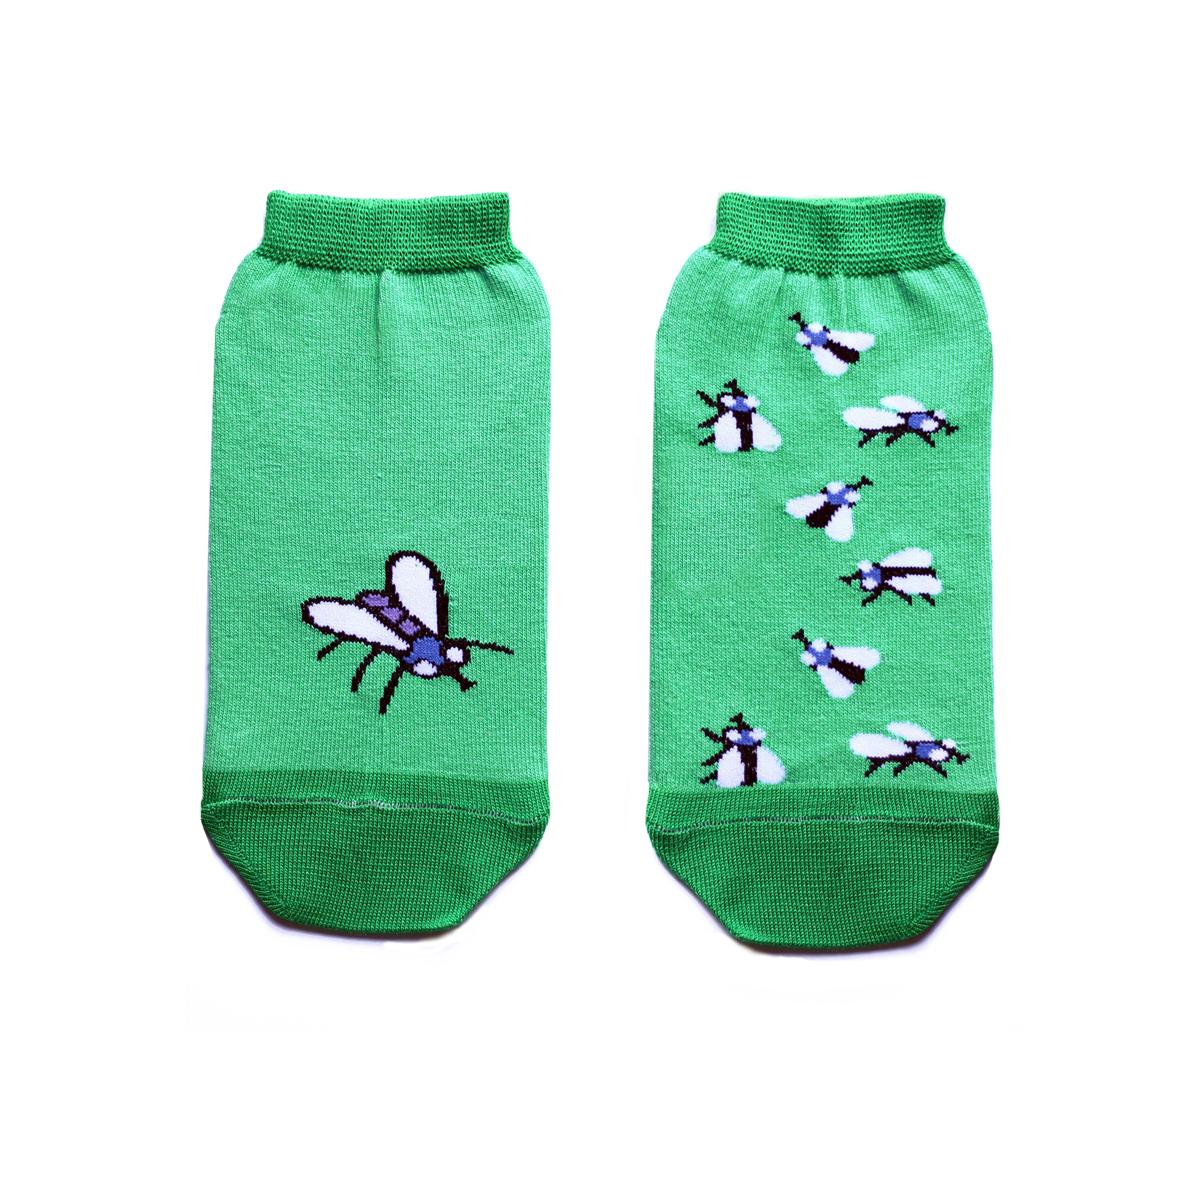 Носки женские Big Bang Socks, цвет: зеленый. ca1422. Размер 35/39ca1422Укороченные женские носки Big Bang Socks изготовлены из высококачественного хлопка с добавлением полиамидных и эластановых волокон, которые обеспечивают великолепную посадку. Носки отличаются ярким стильным дизайном, они оформлены изображением мух. Удобная резинка идеально облегает ногу и не пережимает сосуды, а усиленные пятка и мысок повышают износоустойчивость носка. Дизайнерские носки Big Bang Socks - яркая деталь в вашем образе и оригинальный подарок для друзей и близких.